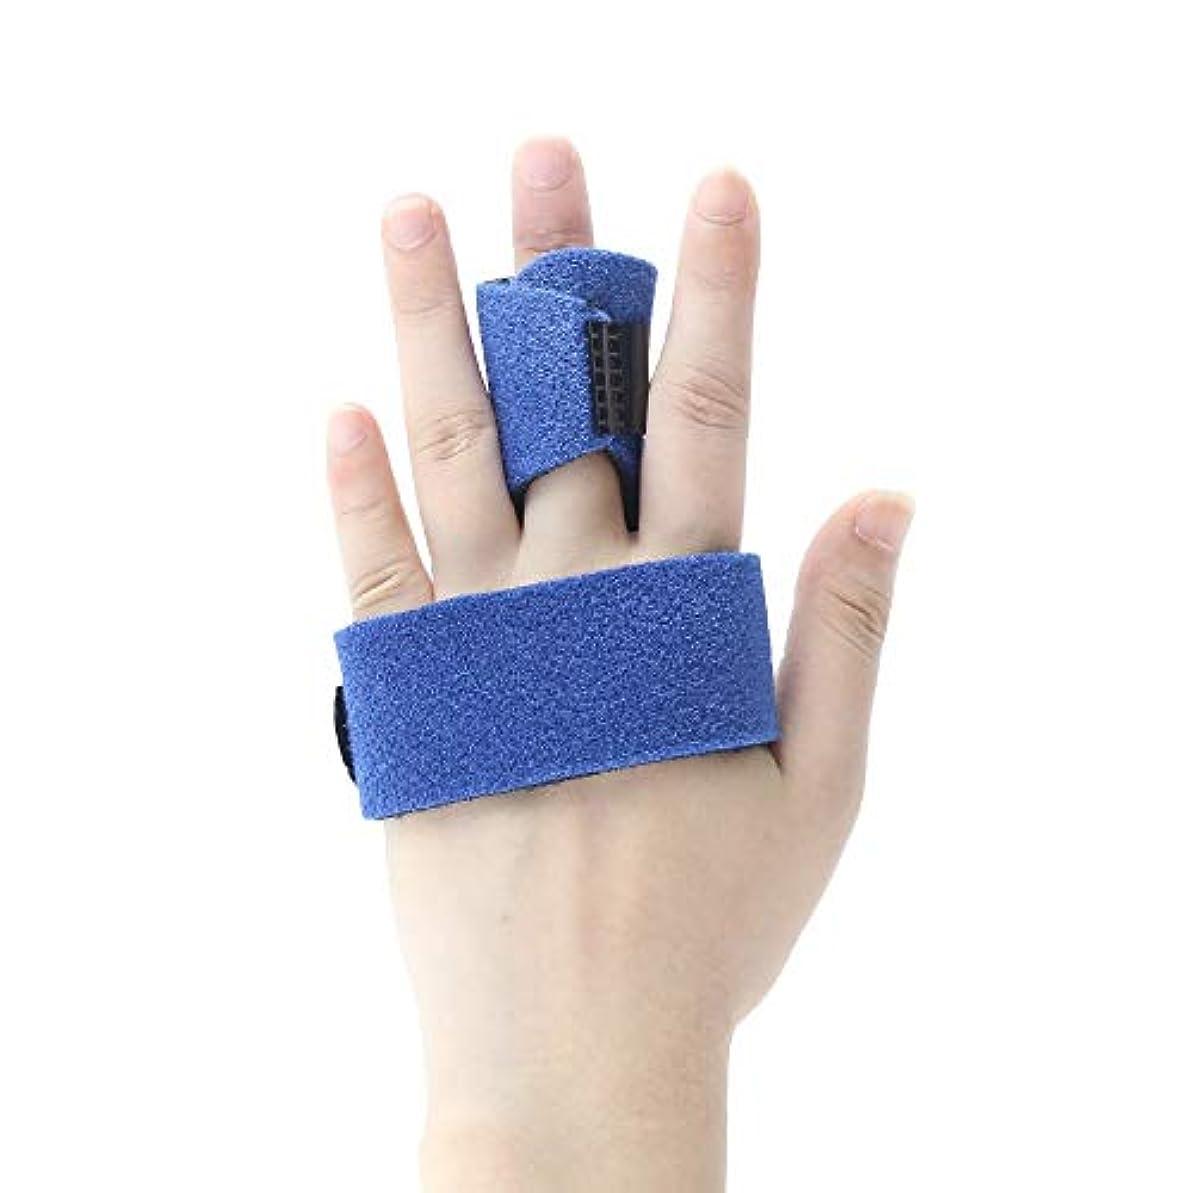 潮サンダース技術ZYL-YL 五本指骨折捻挫プロテクター親指ブレーススプリントスチールバーのサポート付きフィンガーストラップ (Edition : Left)